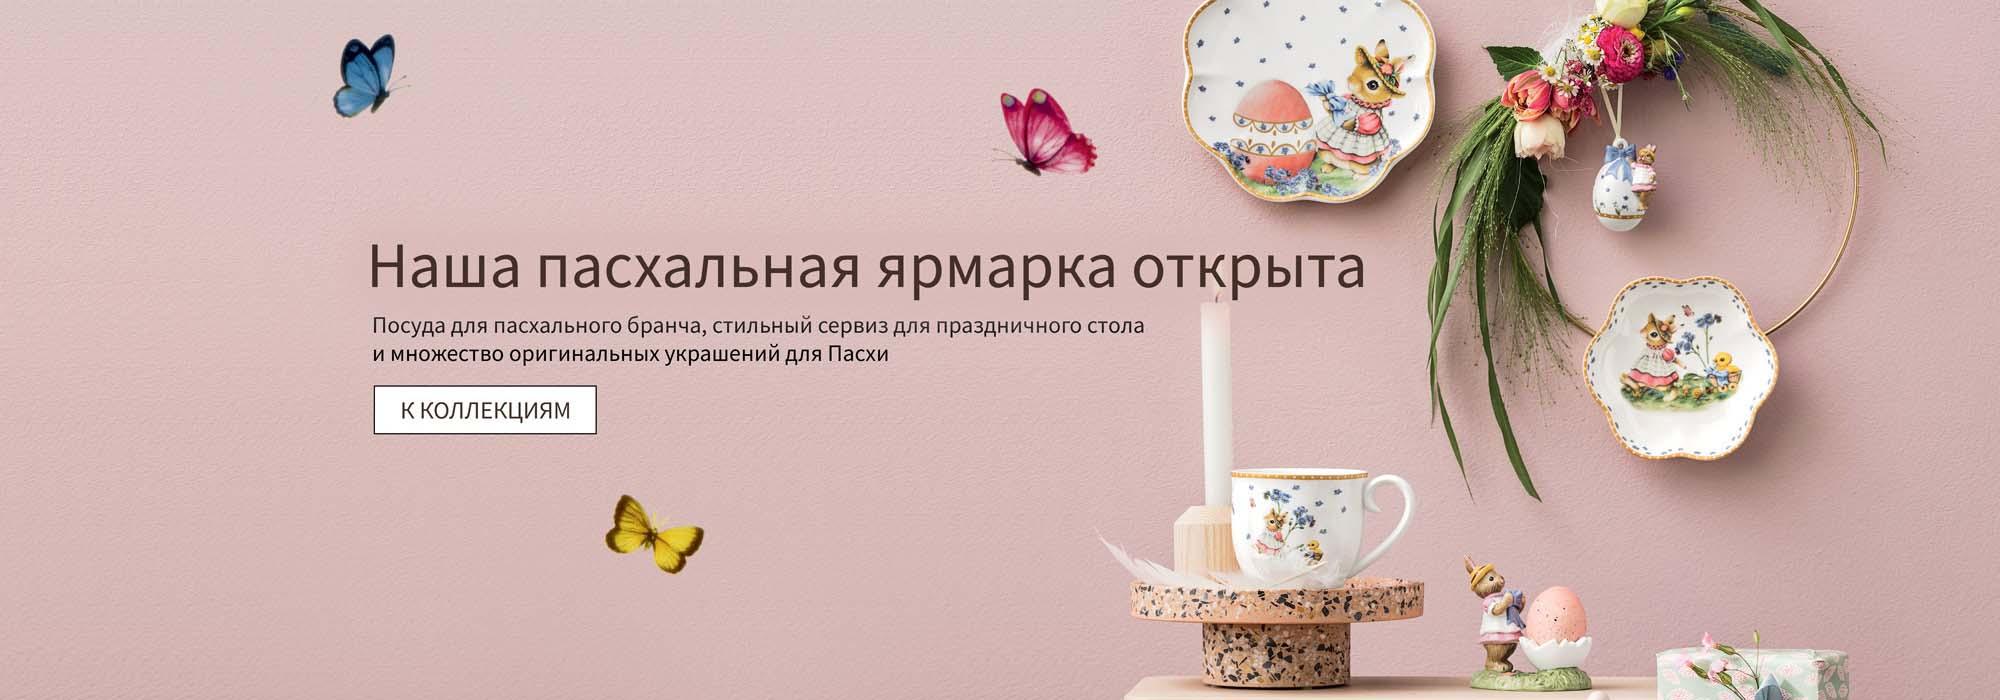 Фарфор и пасхальный декор - весна в Вашем доме